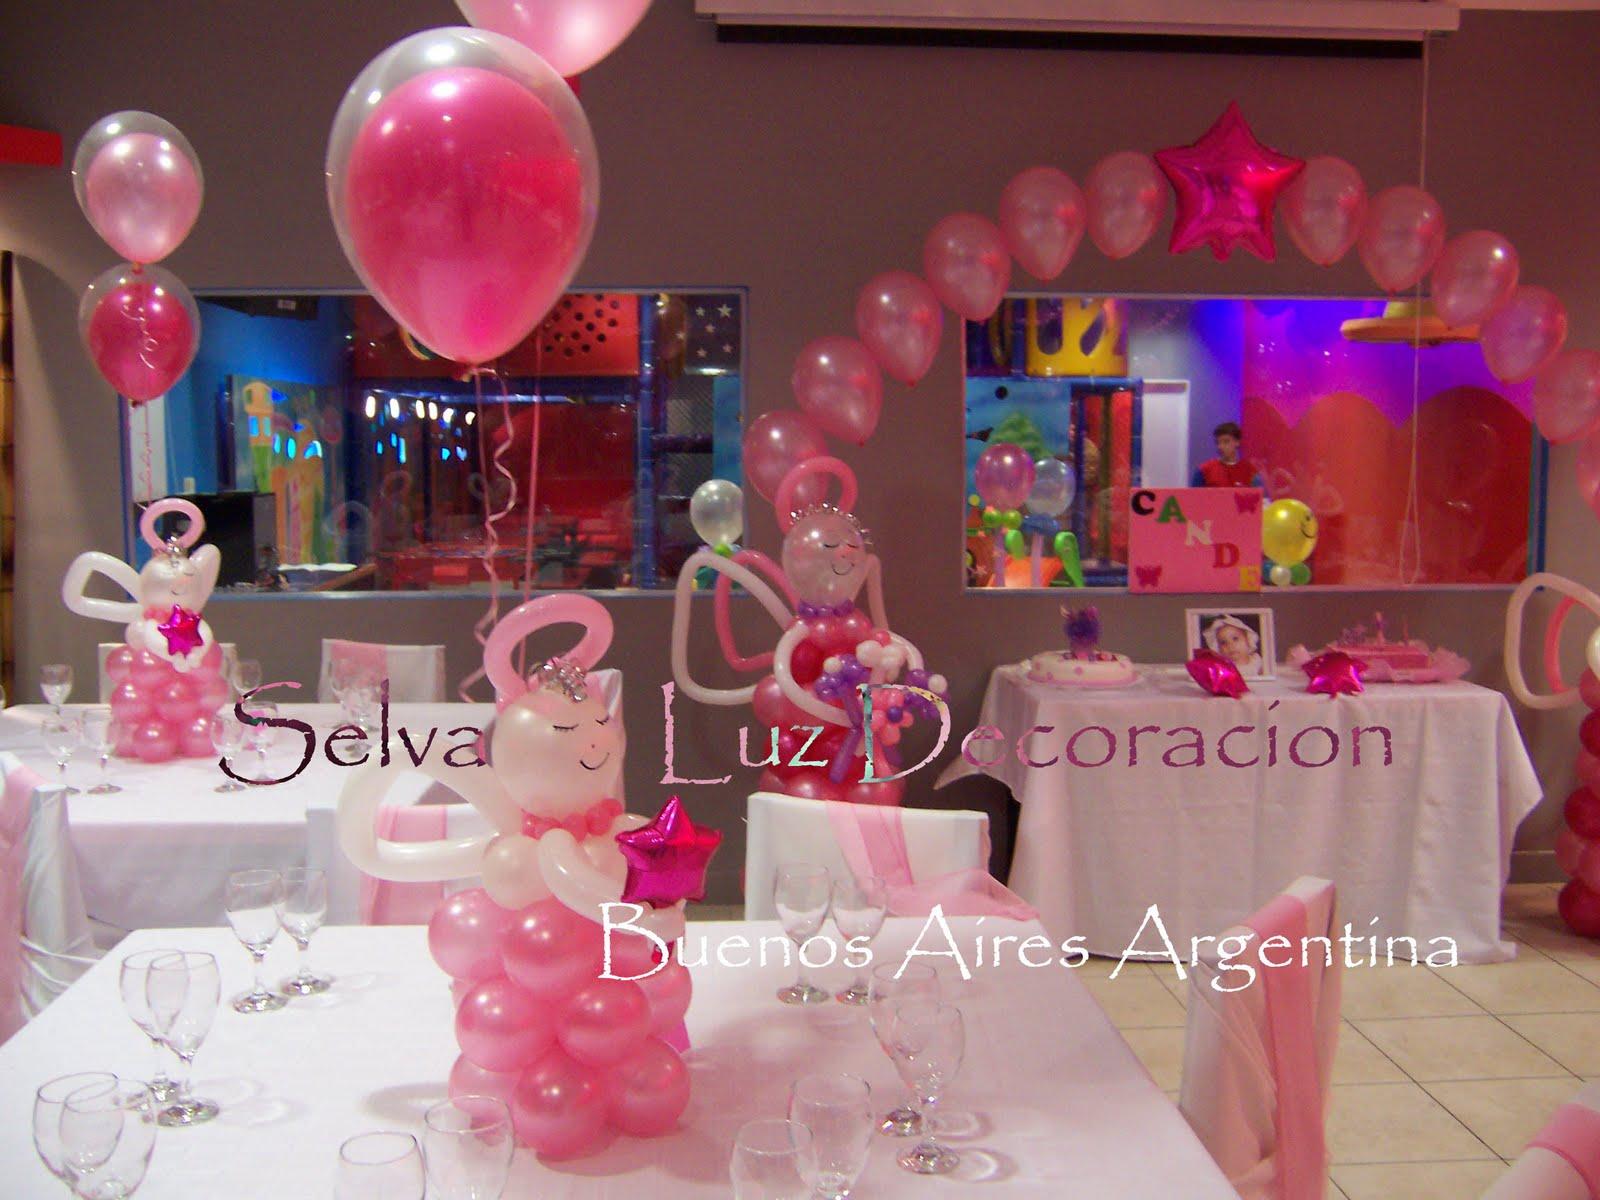 Decoraciones con globos para bodas board arreglo - Decoraciones de salones ...